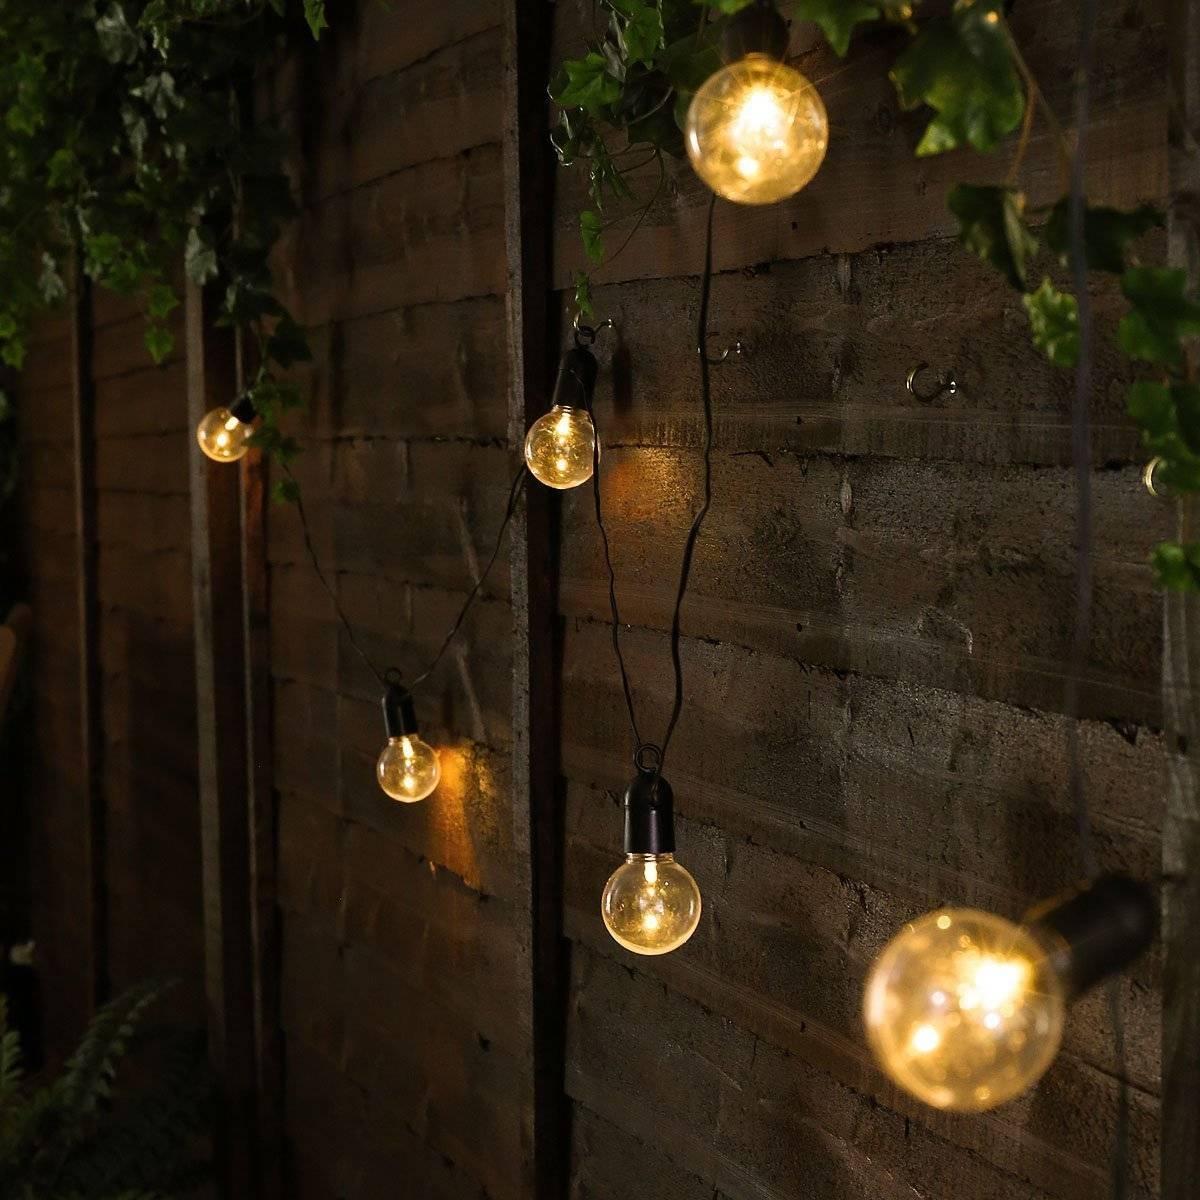 картинка с фонарем и лампочками выборе комплекса упражнений